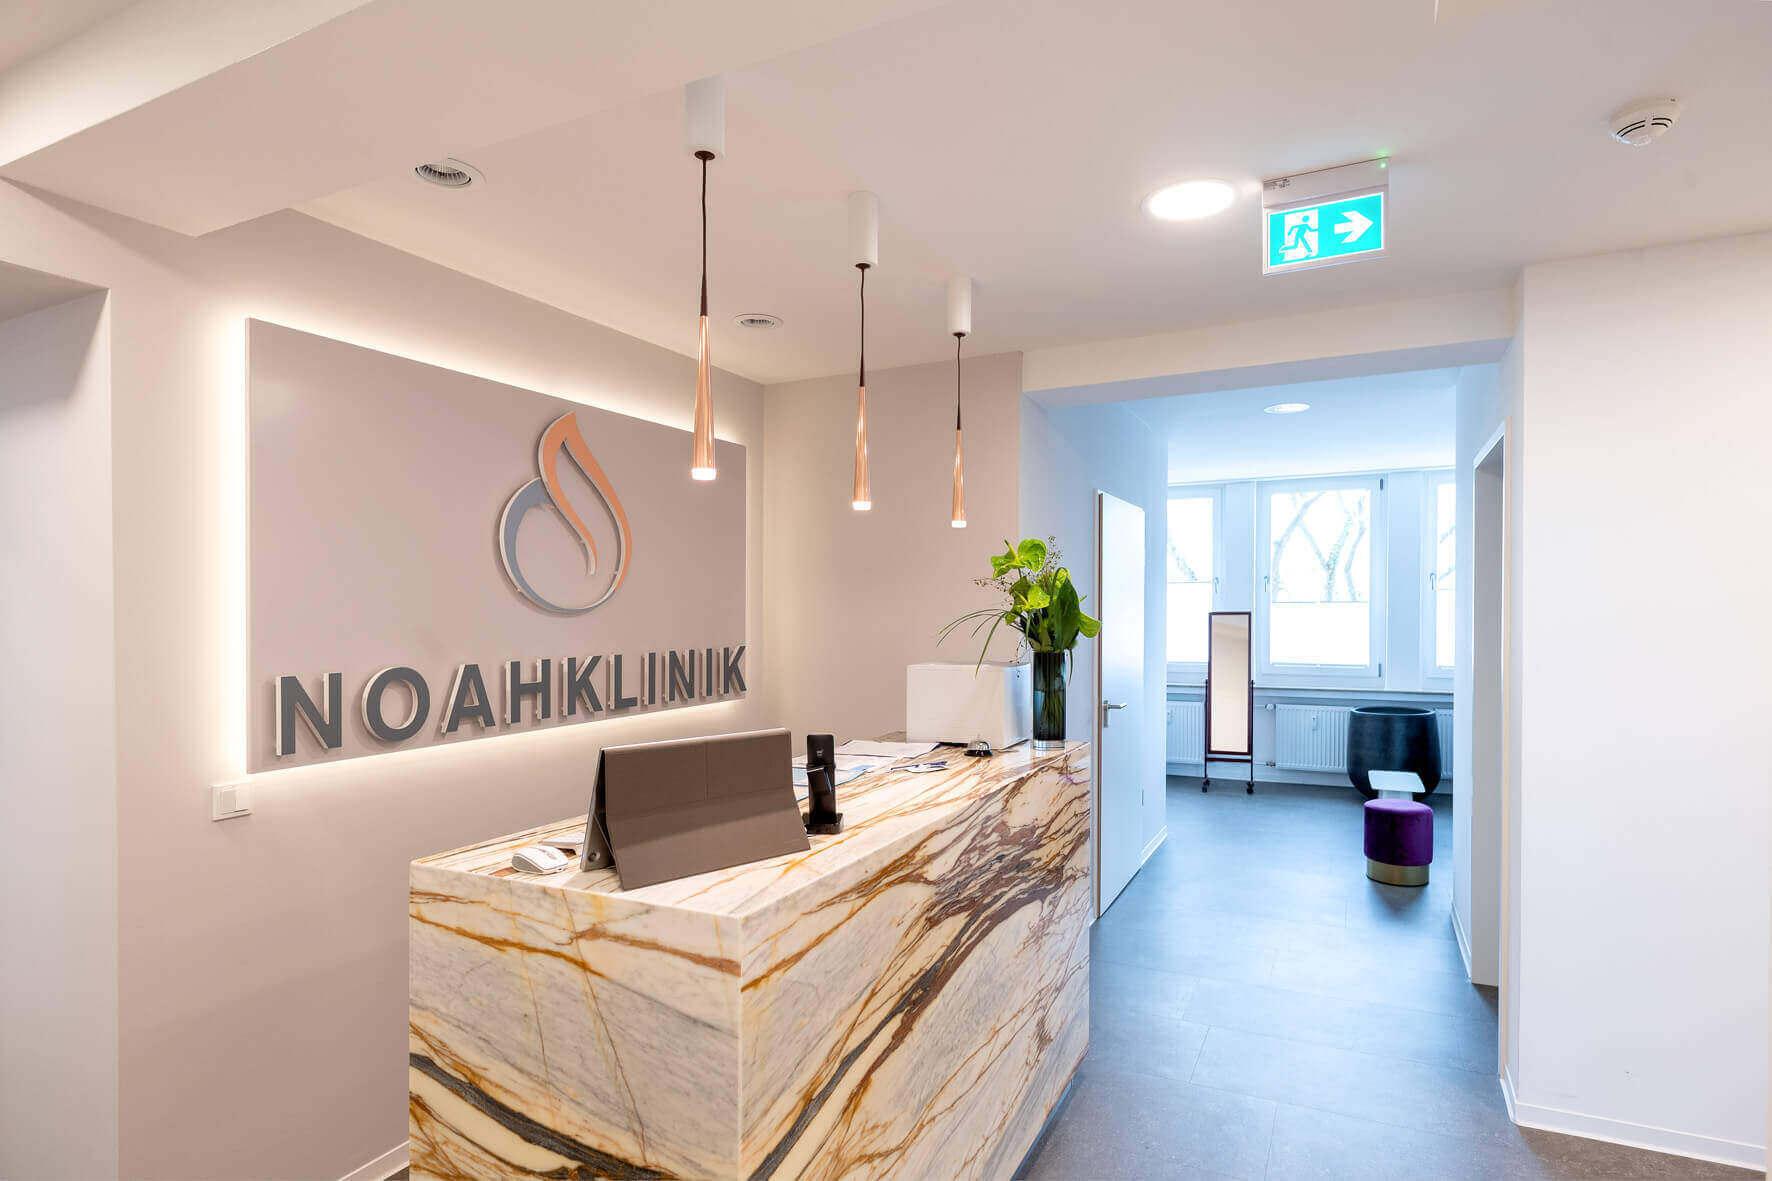 Anmeldung Noahklinik Kassel